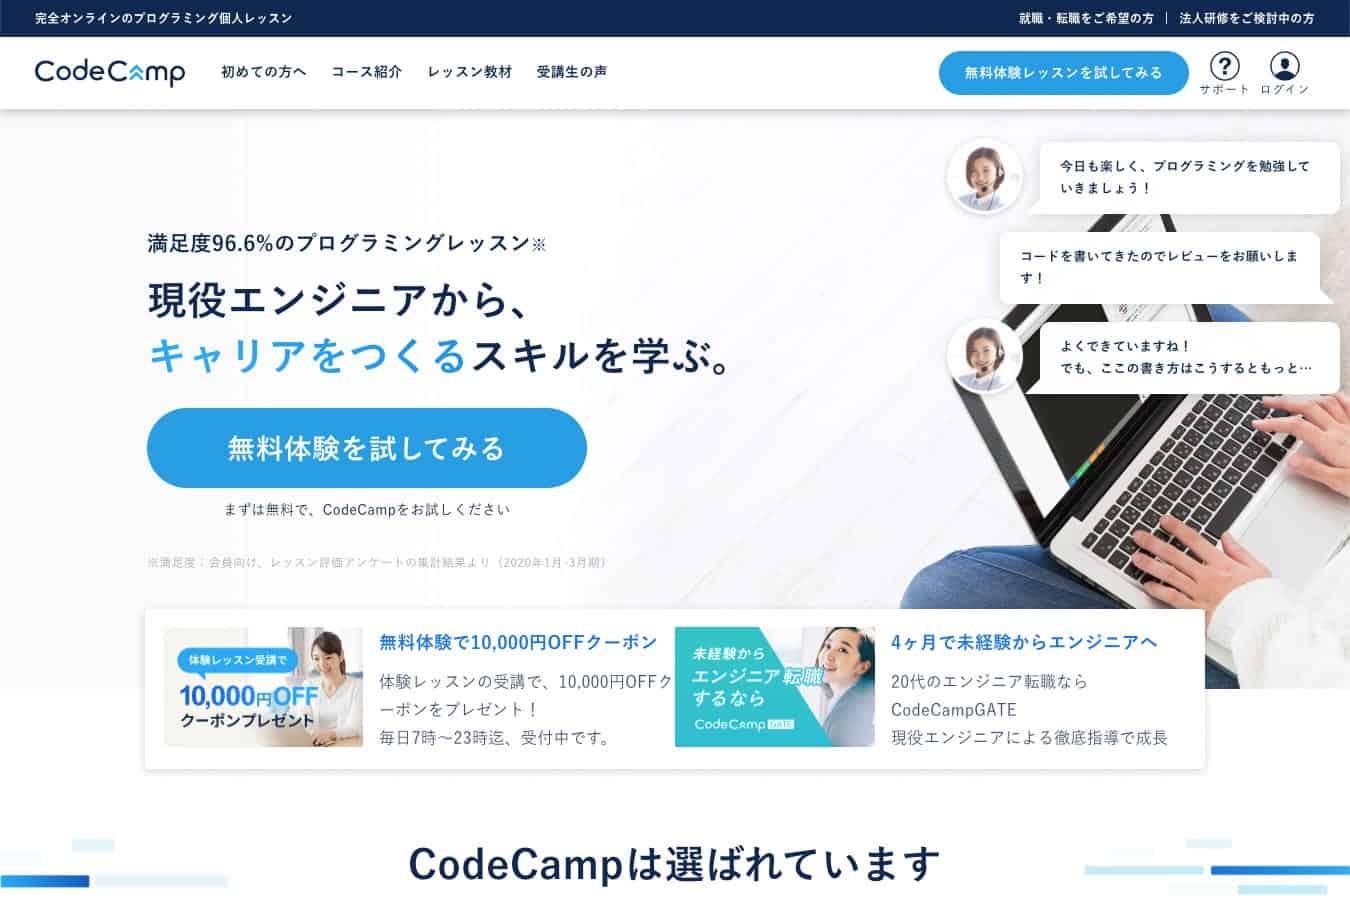 コスパ最強のCodeCampを分かりやすく解説【無料体験レポあり】